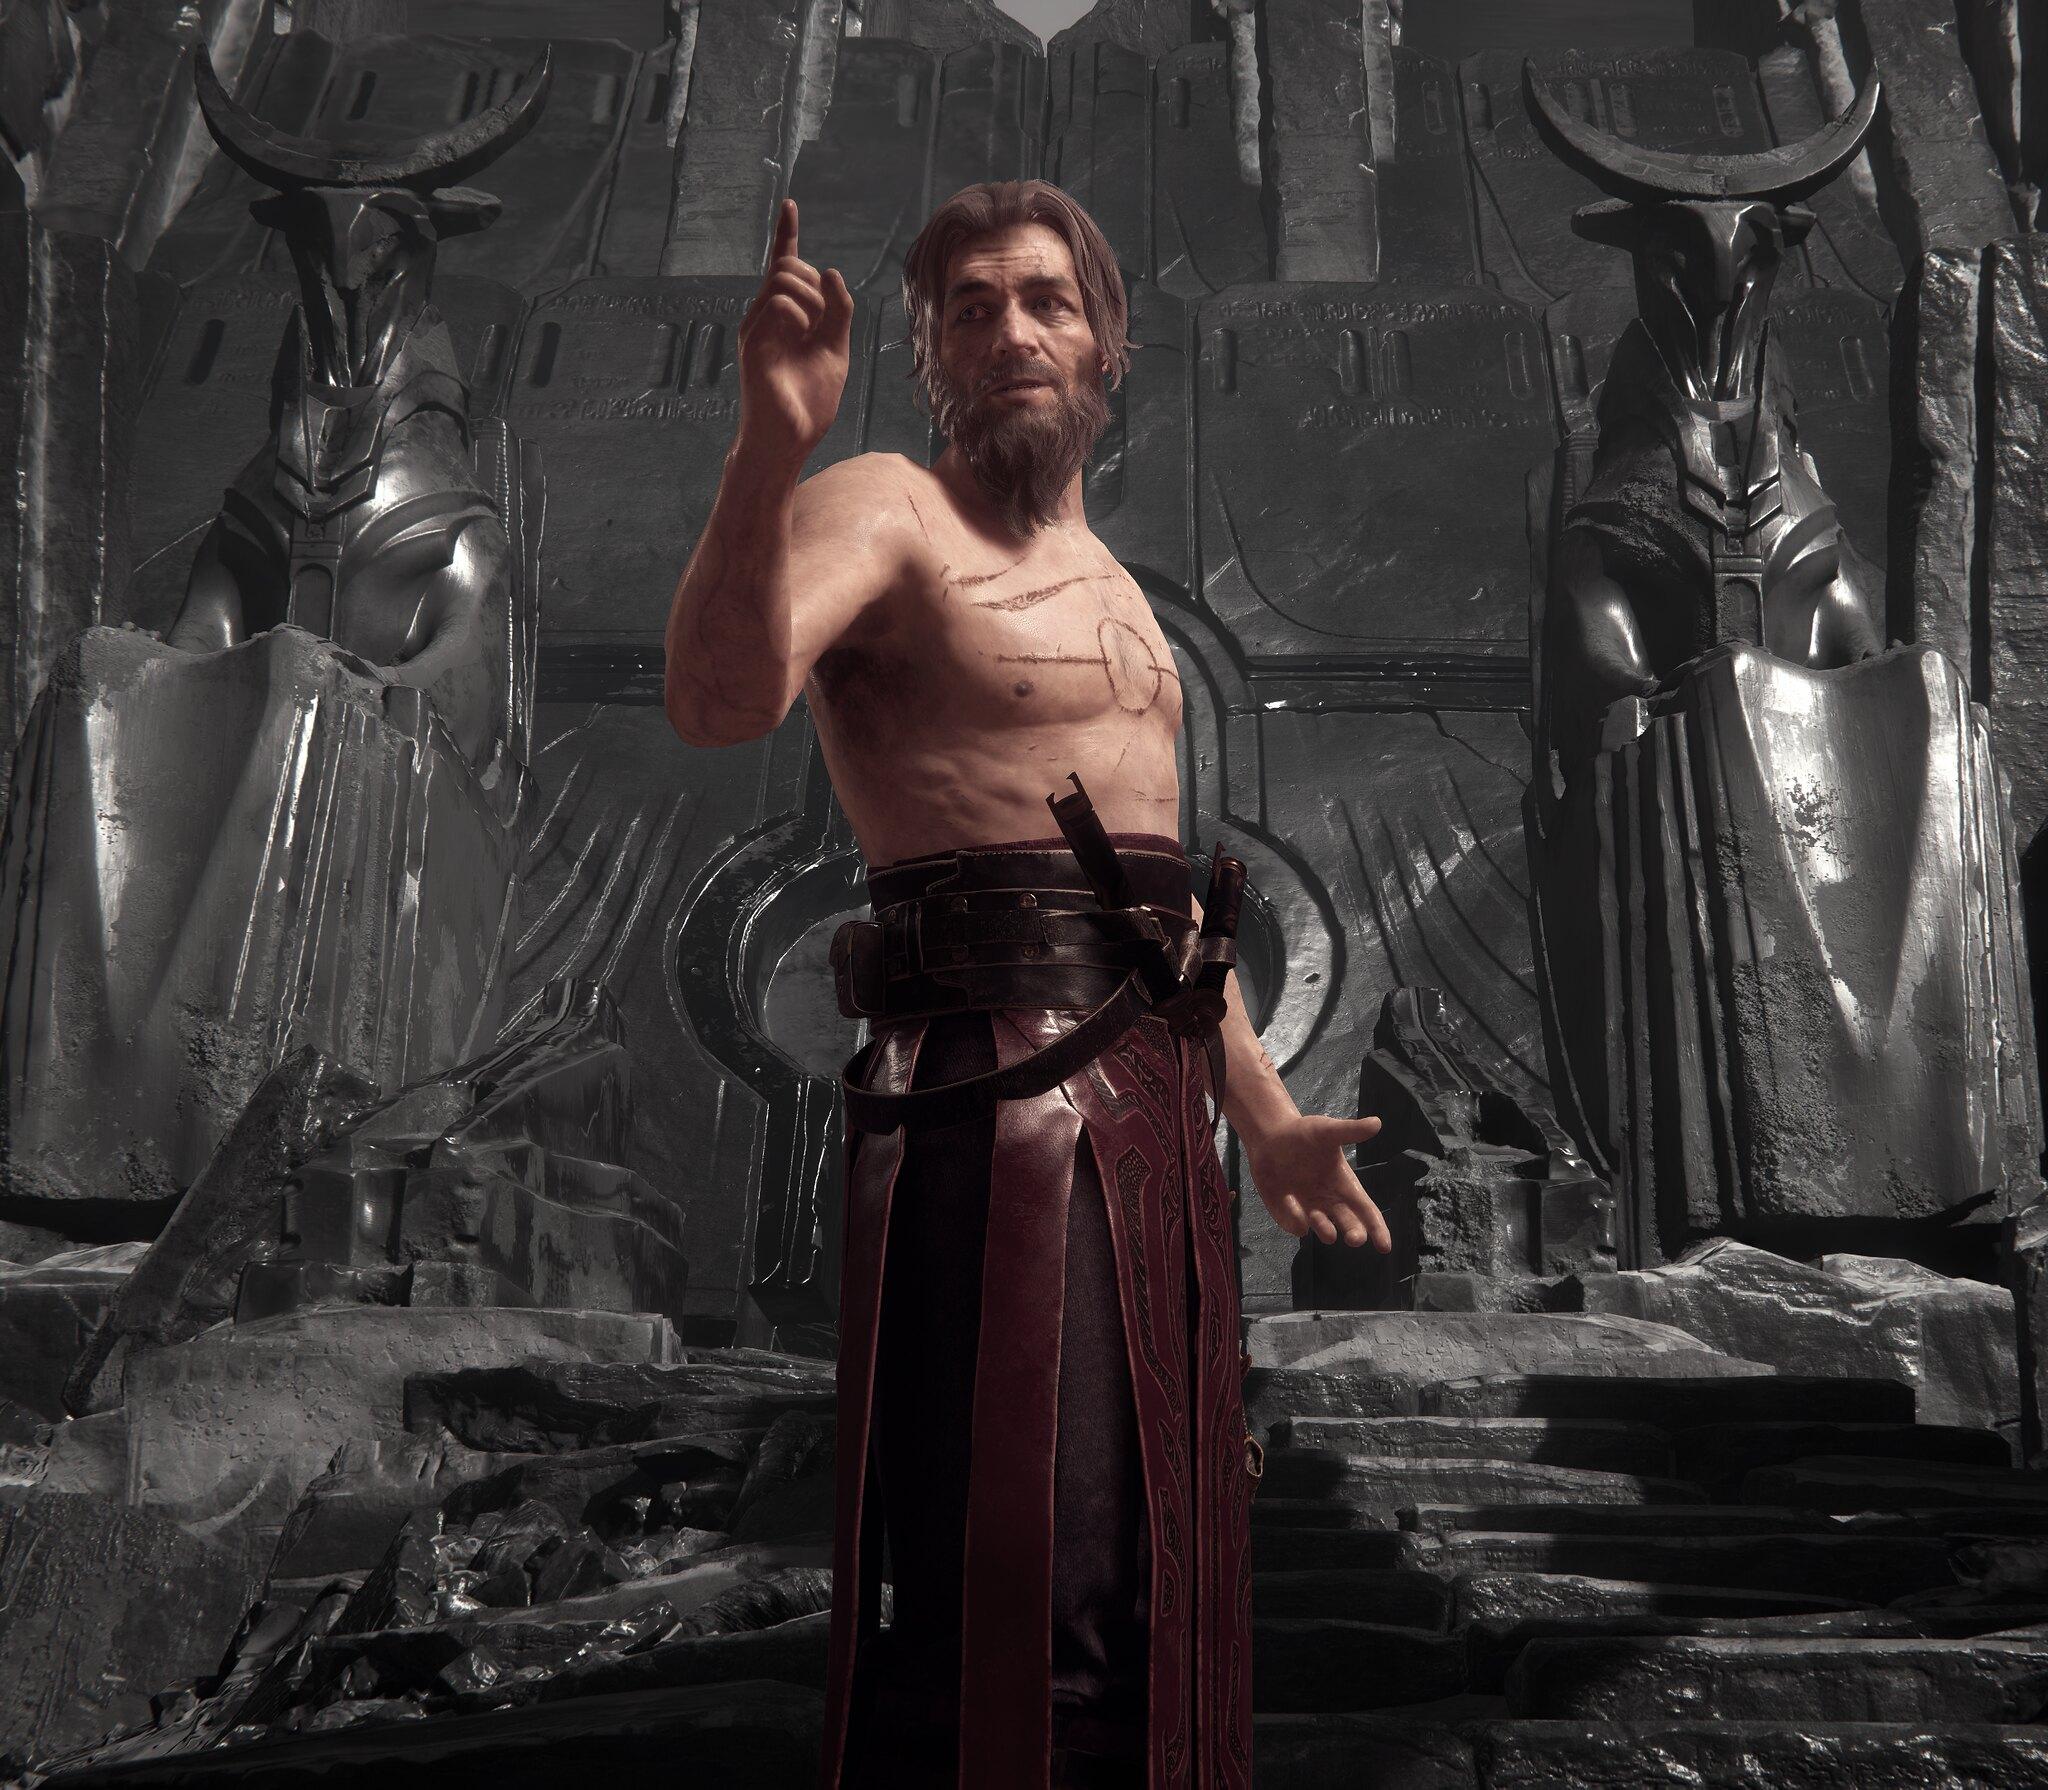 49165222923_d9befd75e6_k.jpg - Star Wars Jedi: Fallen Order